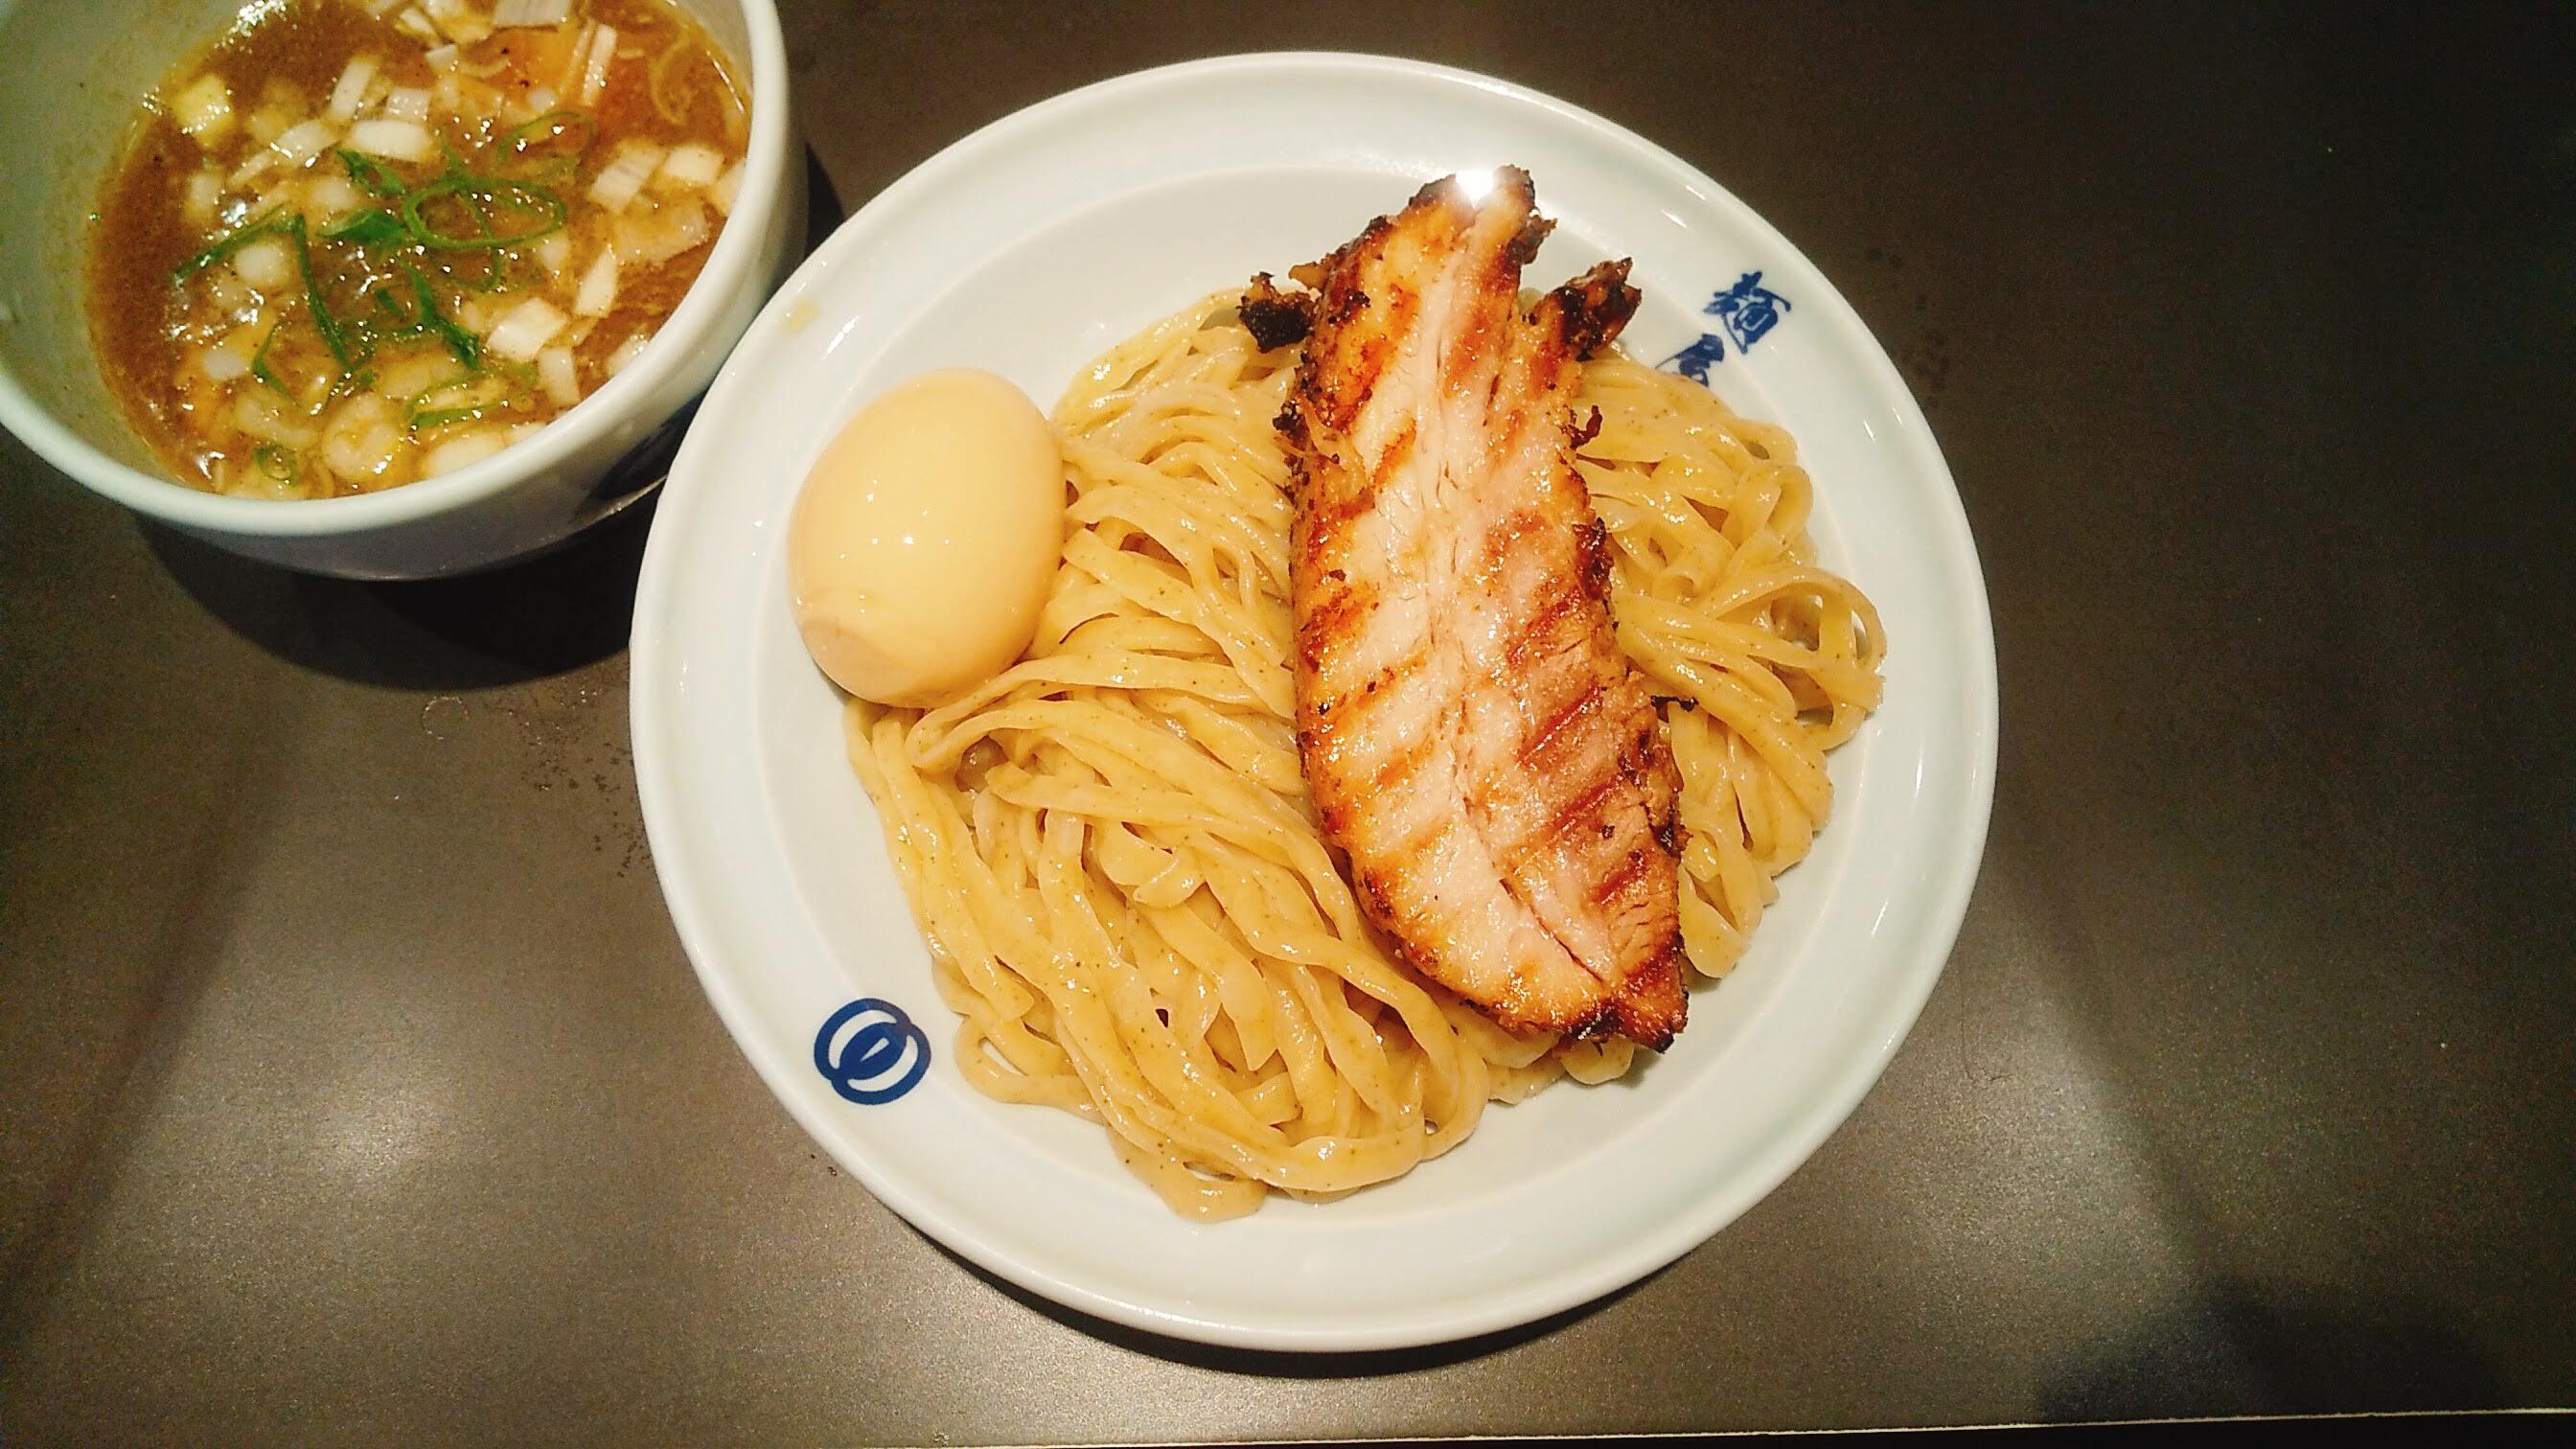 麺屋武蔵虎嘯の濃厚虎嘯つけ麺の麺皿の写真